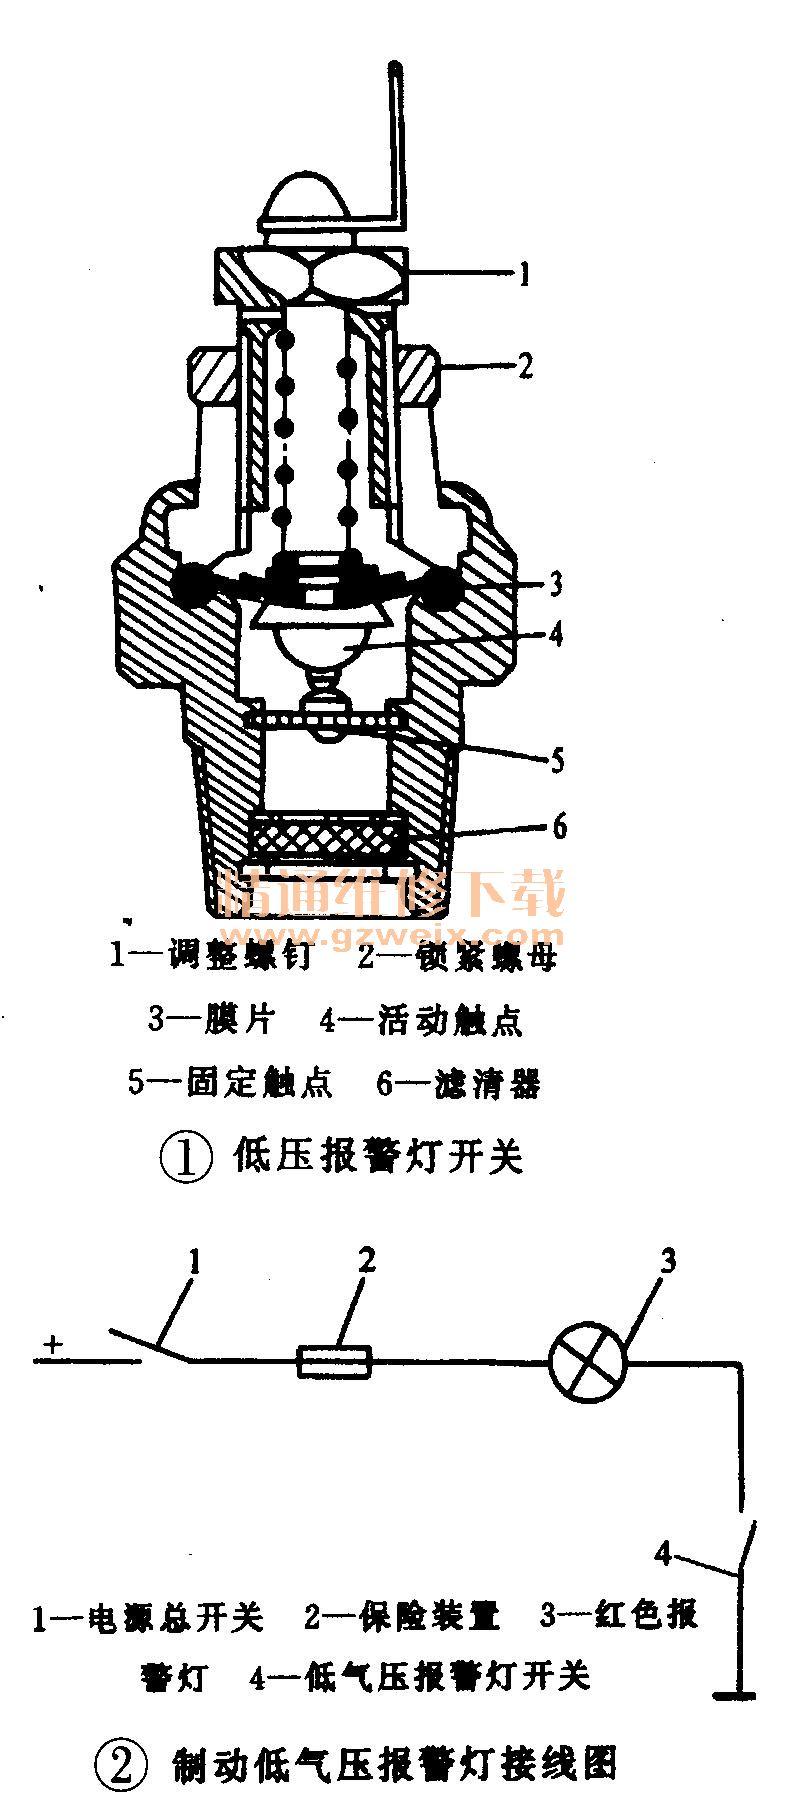 的车辆,避免相撞.液压式制动报警灯开关结构如图3所示,装在